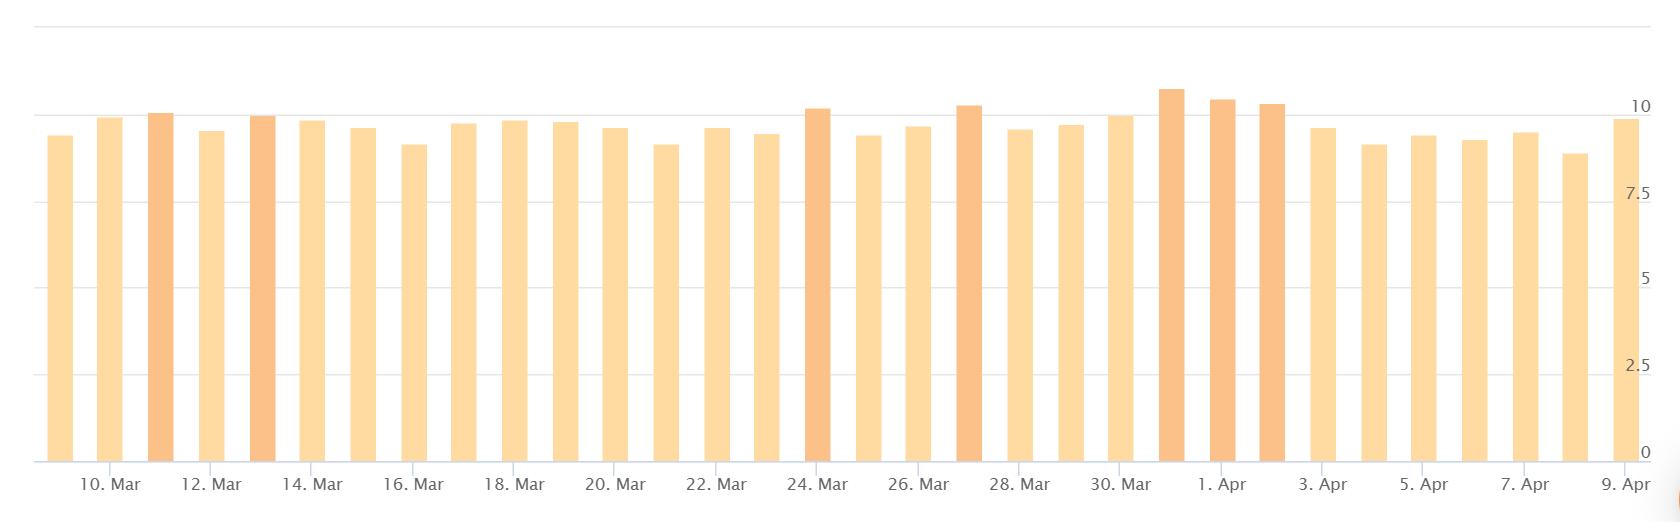 AccuRankerでの順位変動状況(3月)